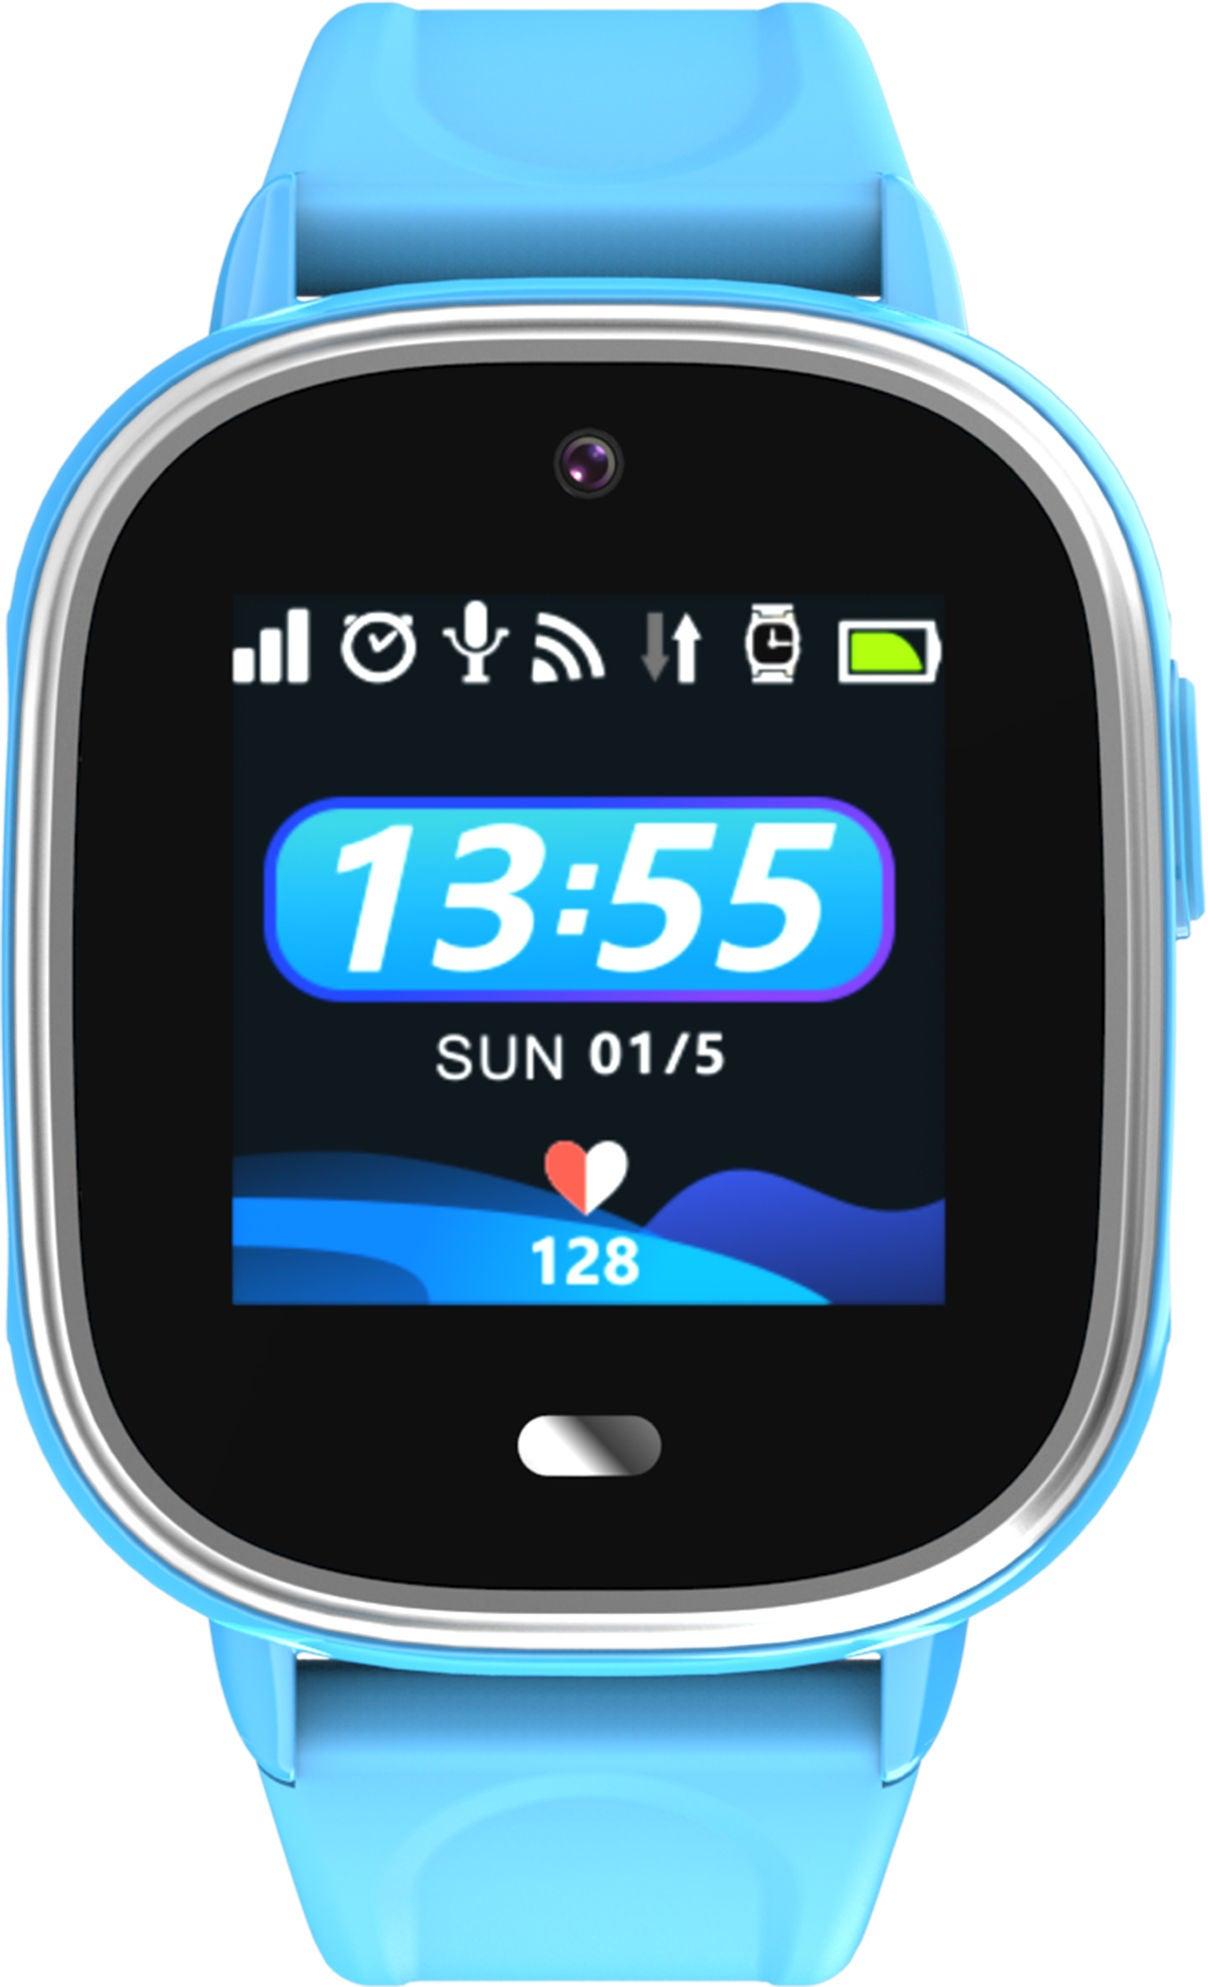 Cmee 2C GPS-klocka, Ljusblå